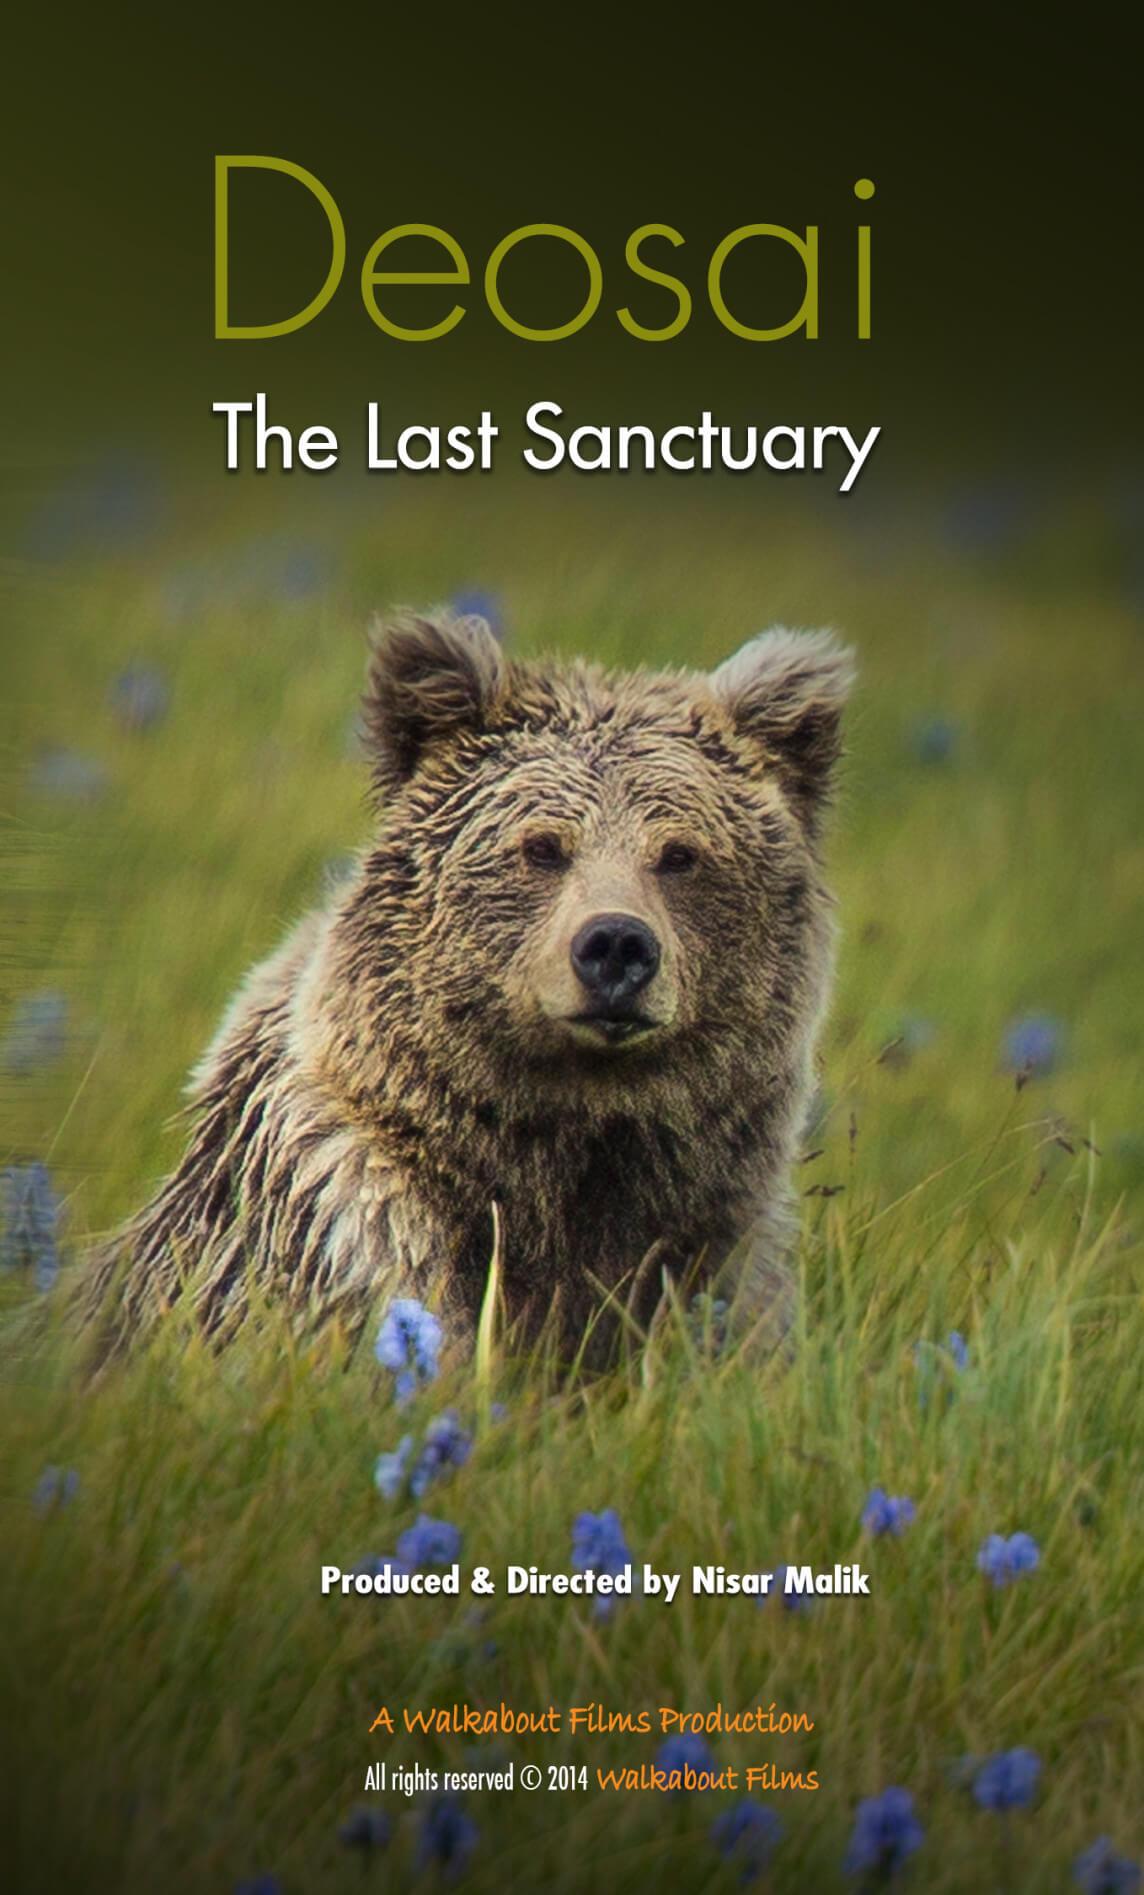 deosai the last sanctuary